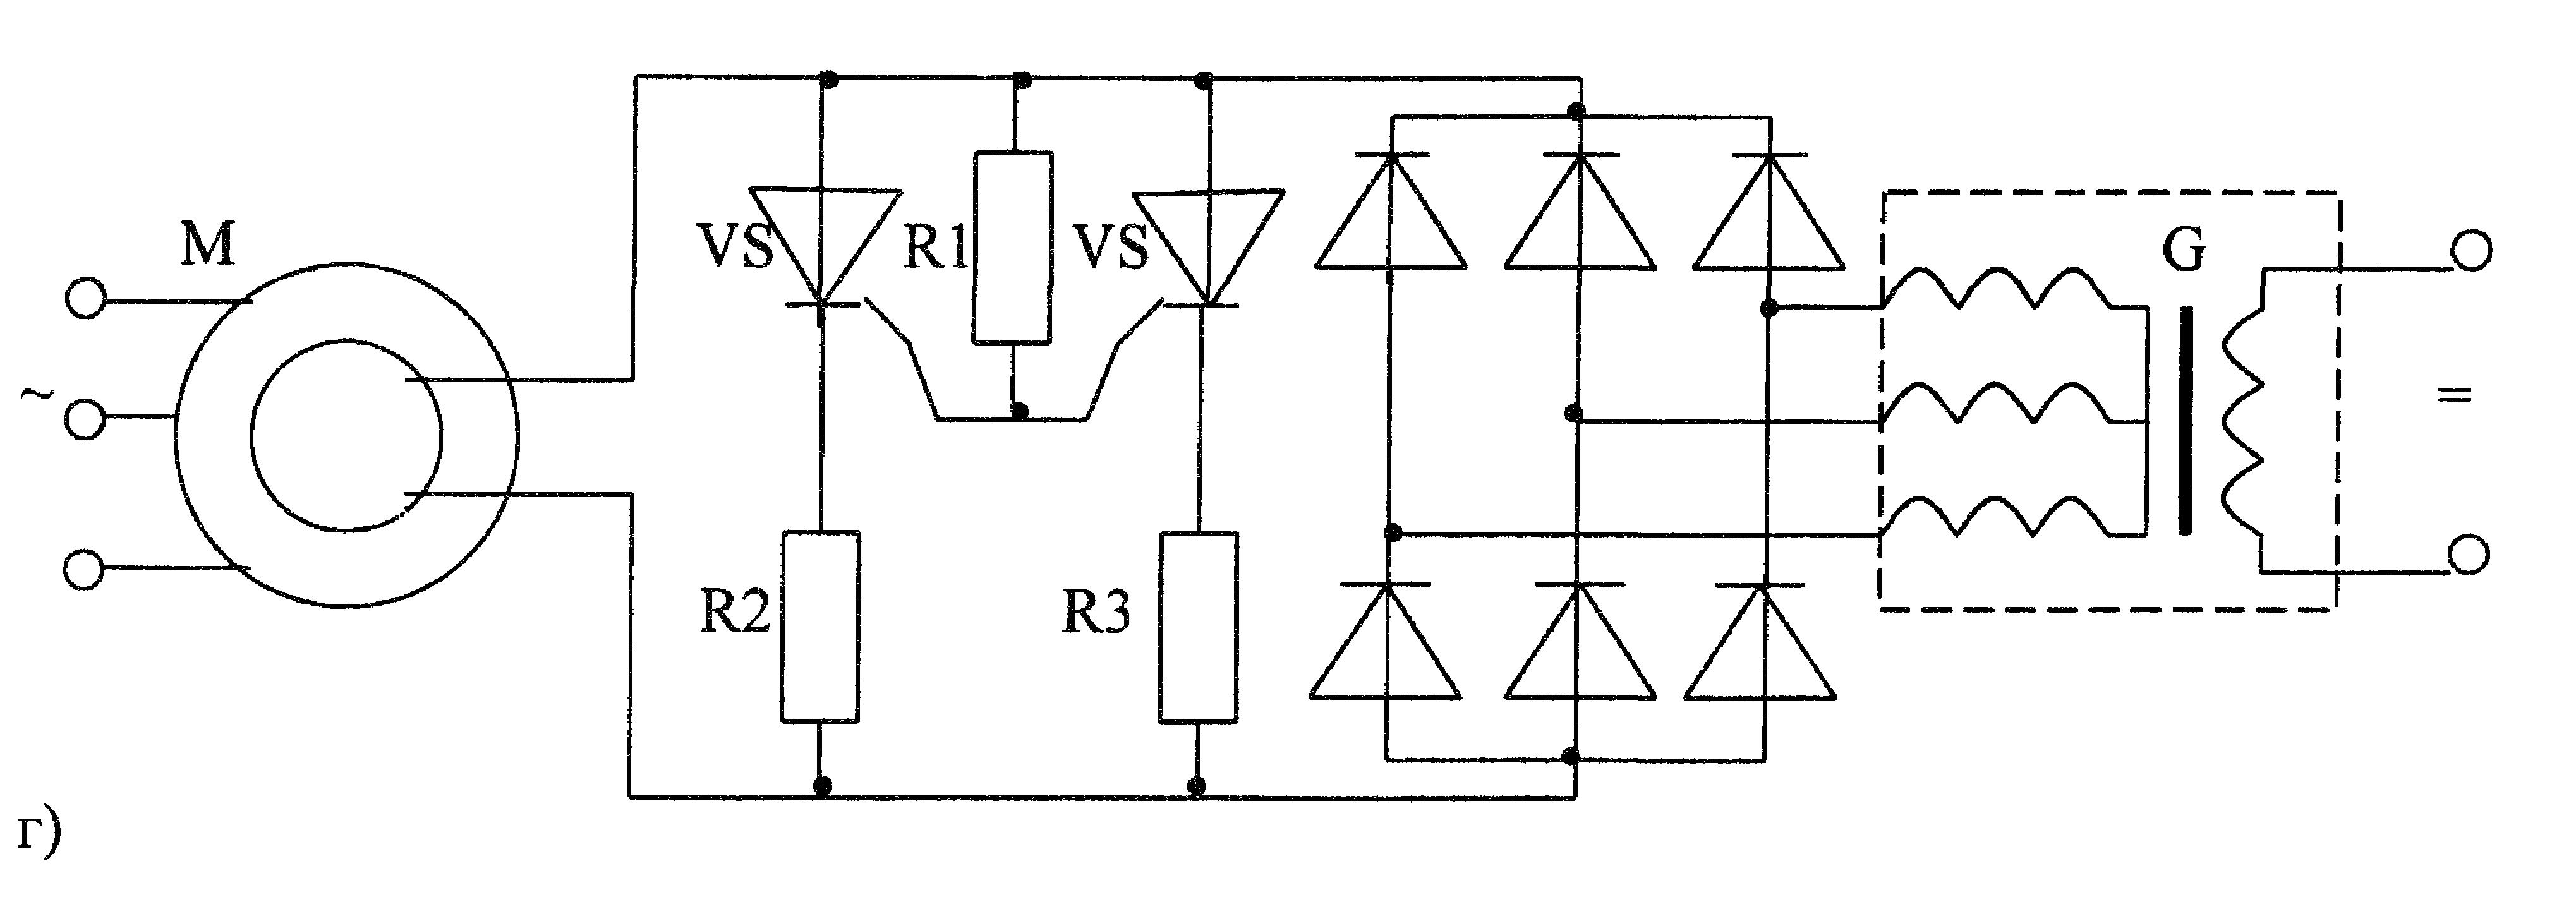 Синхронный двигатель на схеме